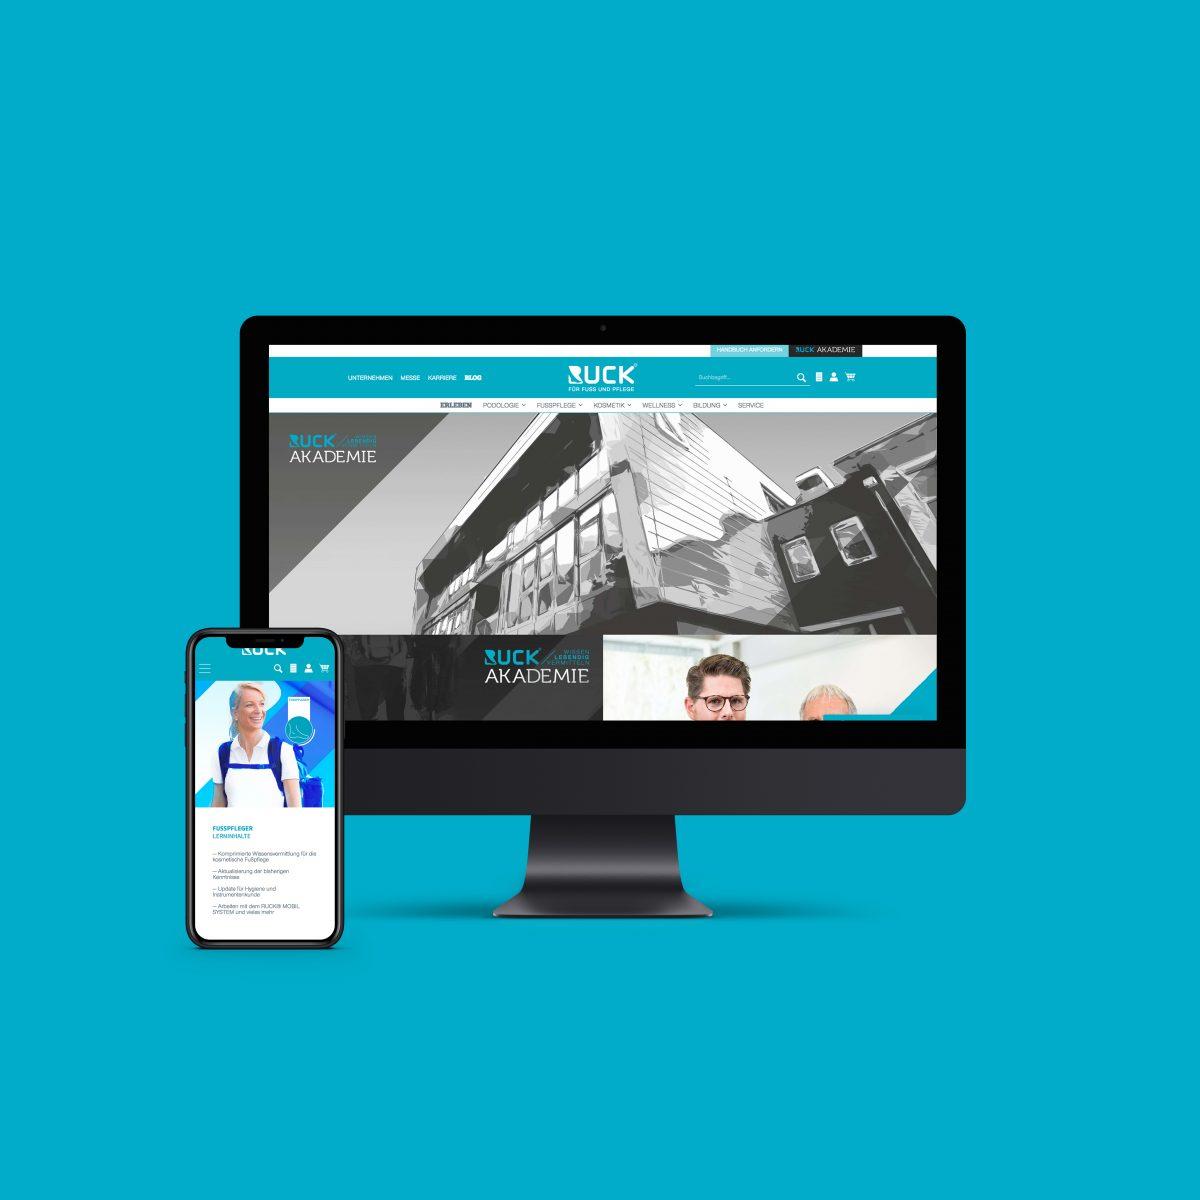 Mockup_web_Ruck